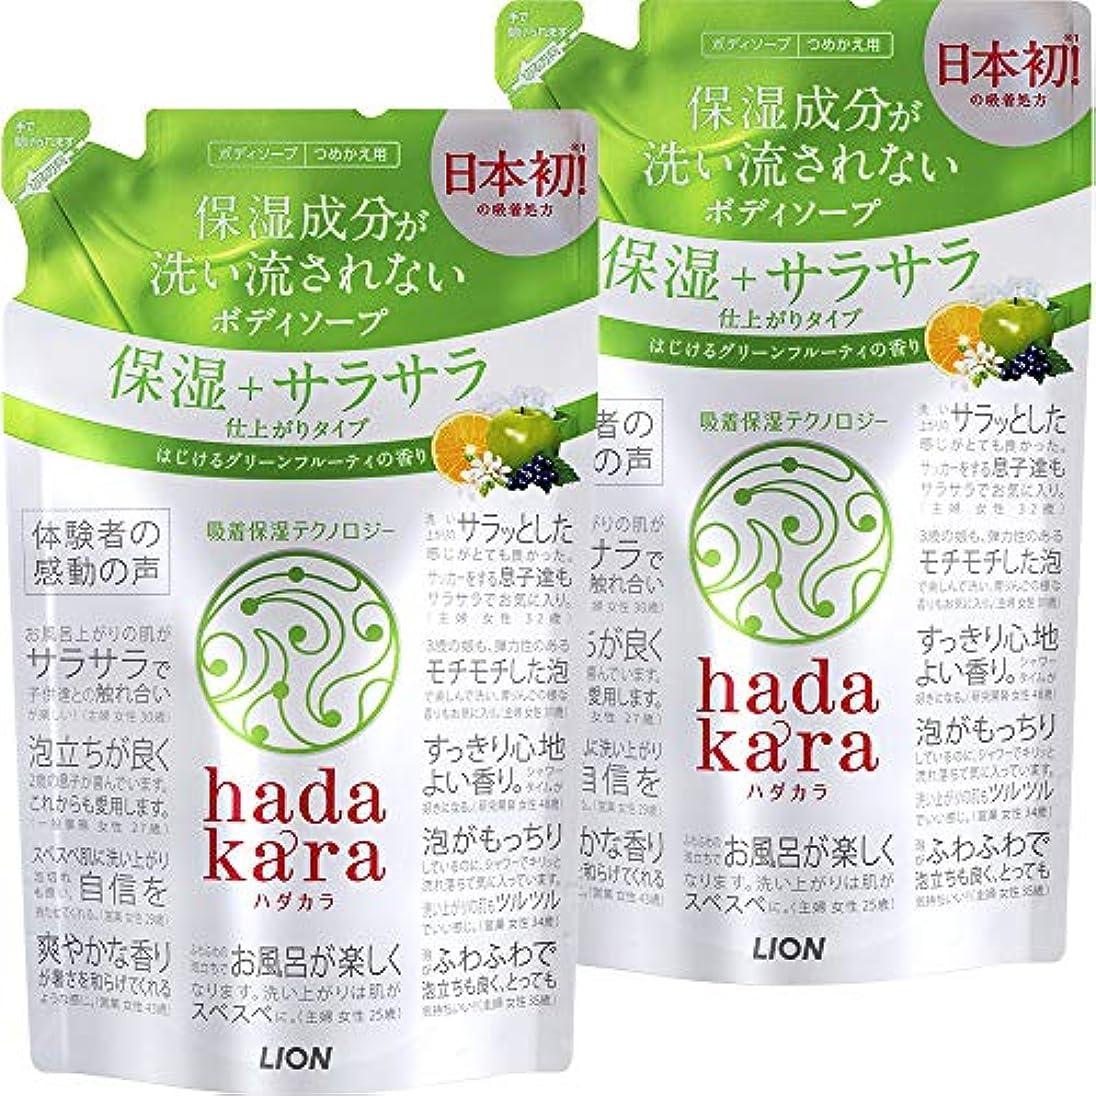 アンテナ階横【まとめ買い】hadakara(ハダカラ) ボディソープ 保湿+サラサラ仕上がりタイプ グリーンフルーティの香り 詰め替え 340ml×2個パック